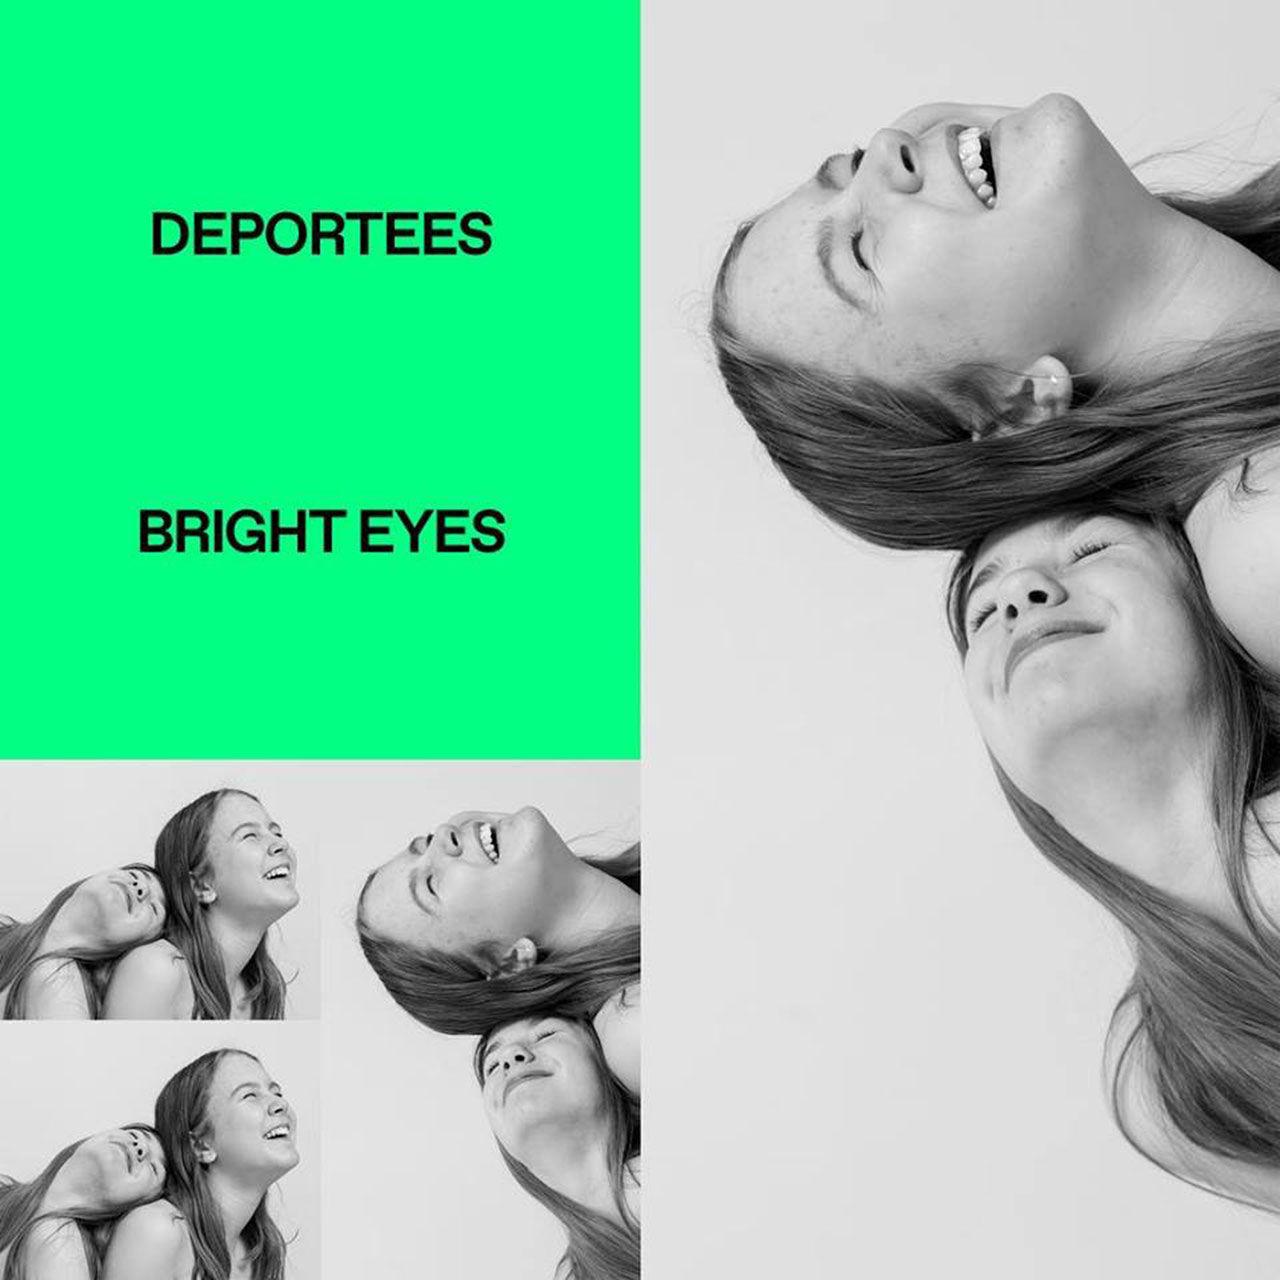 Bright eyes - nytt från Deportees